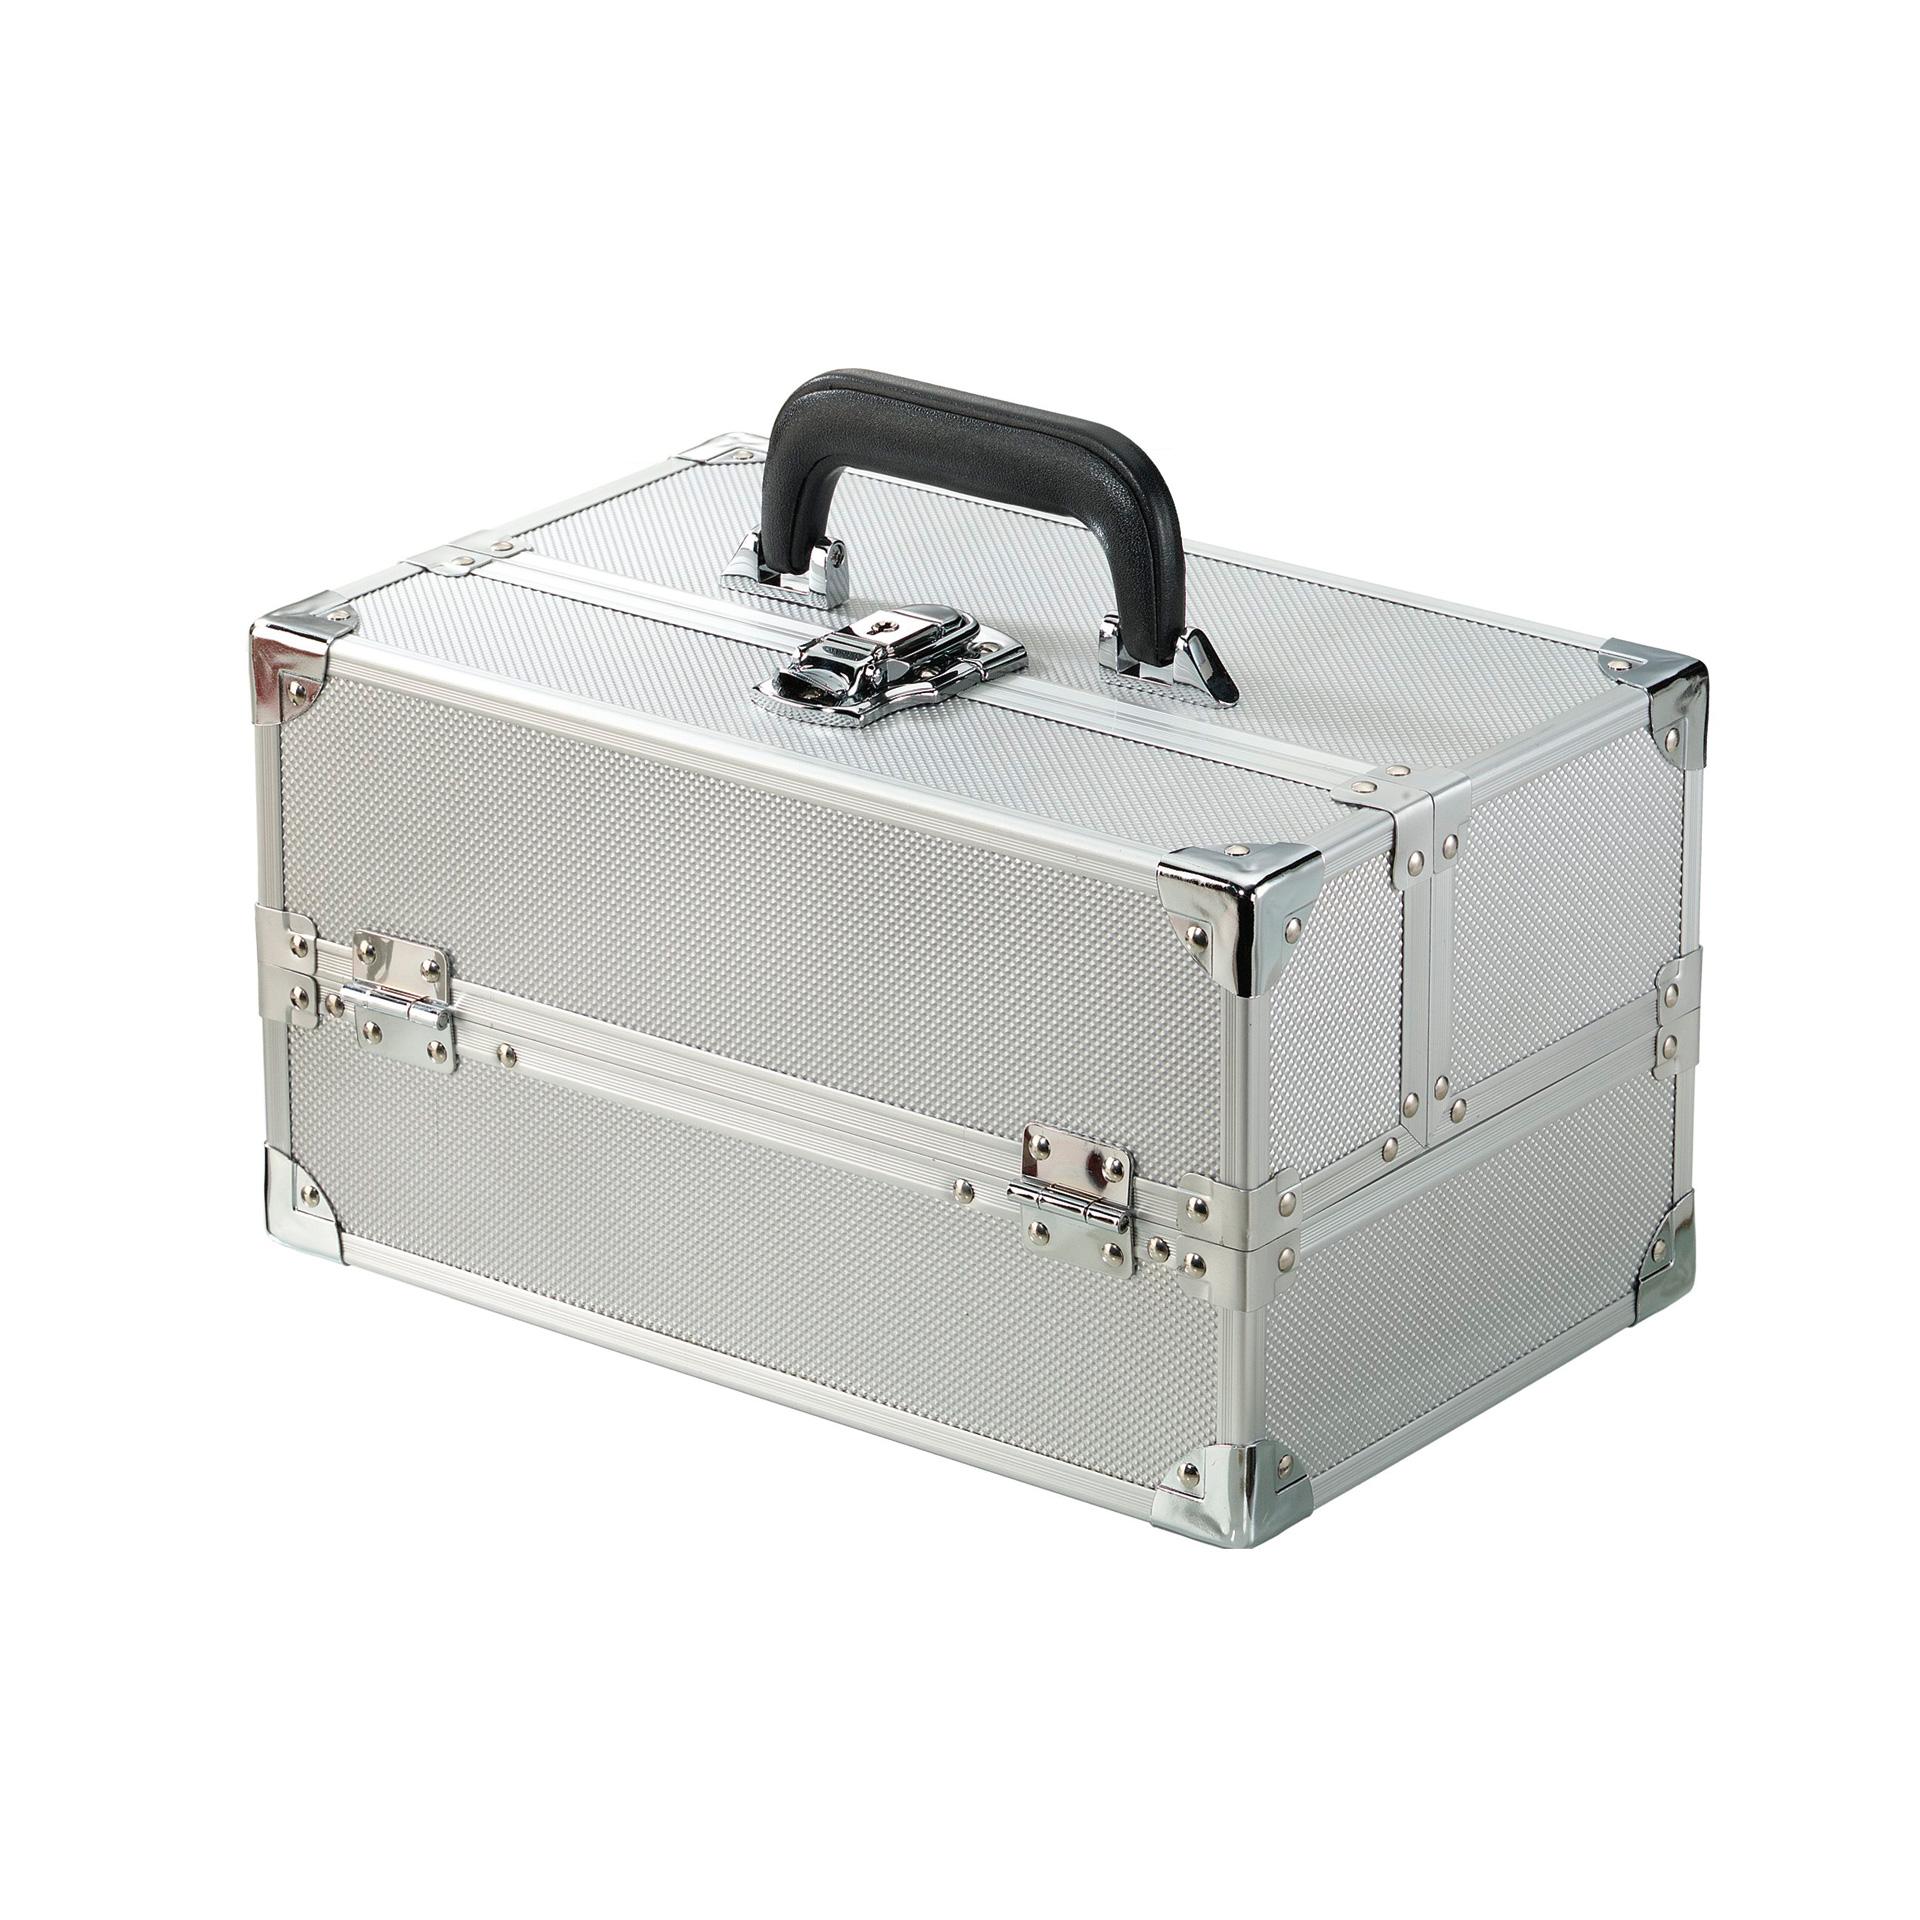 Train Case - Japonesque 42576fbda6d18